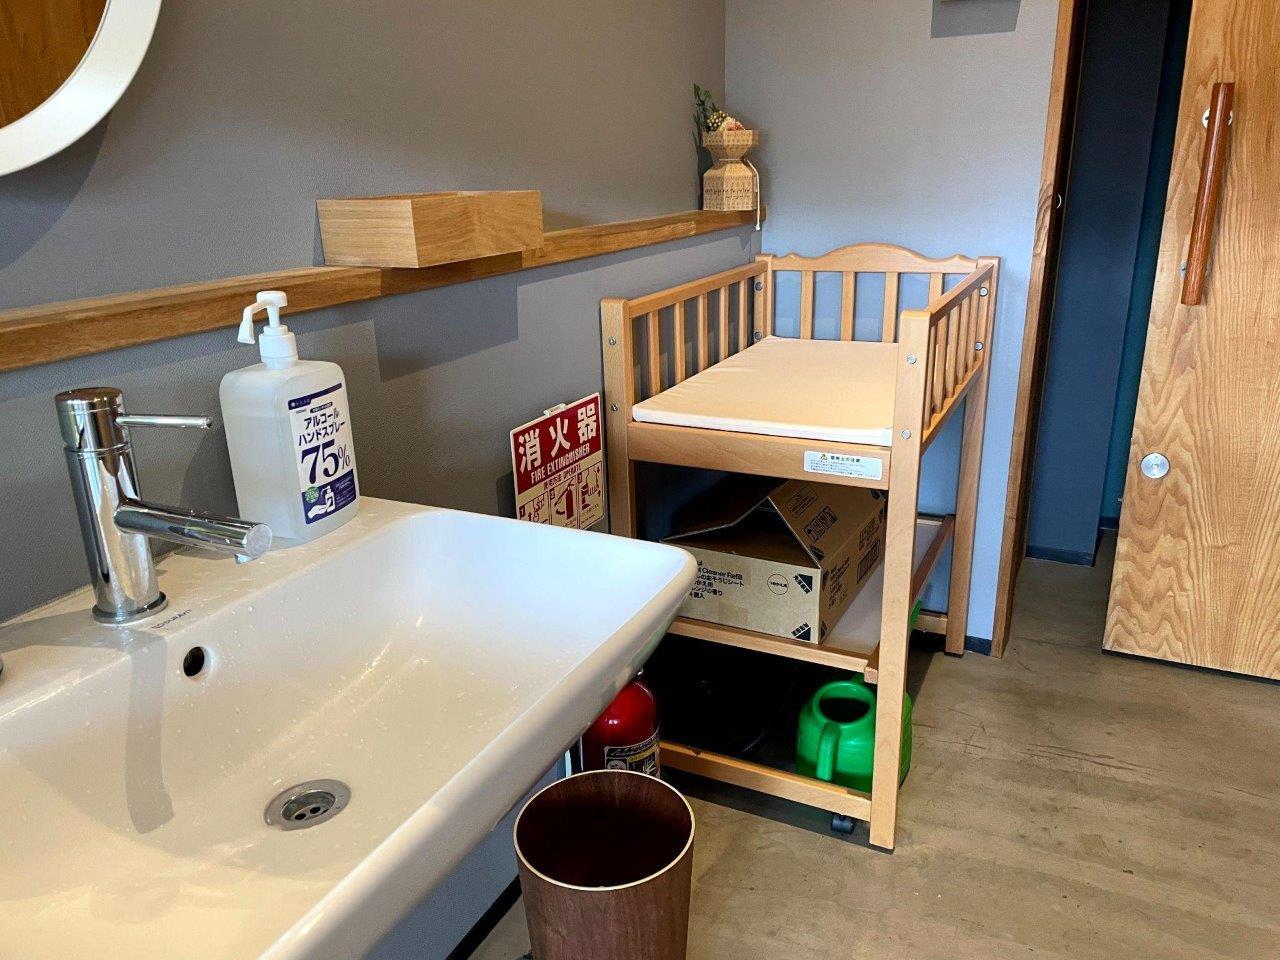 喫茶と美容室 茶の間の店内